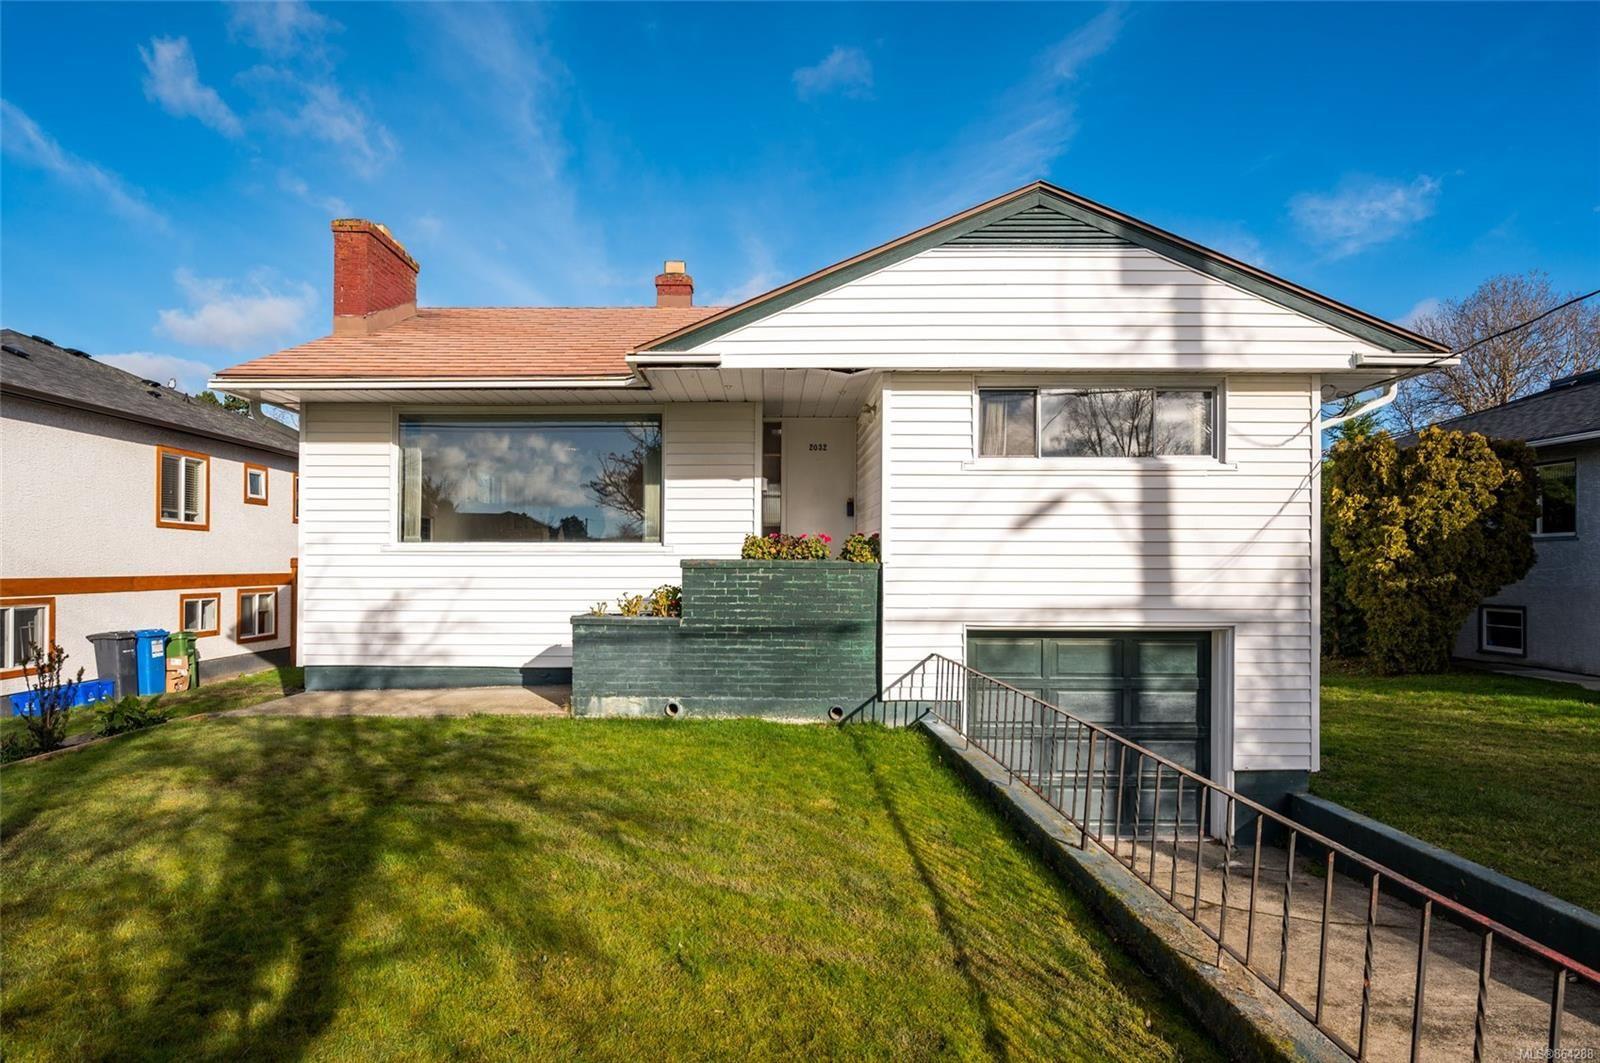 Main Photo: 2032 Allenby St in : OB Henderson House for sale (Oak Bay)  : MLS®# 864288